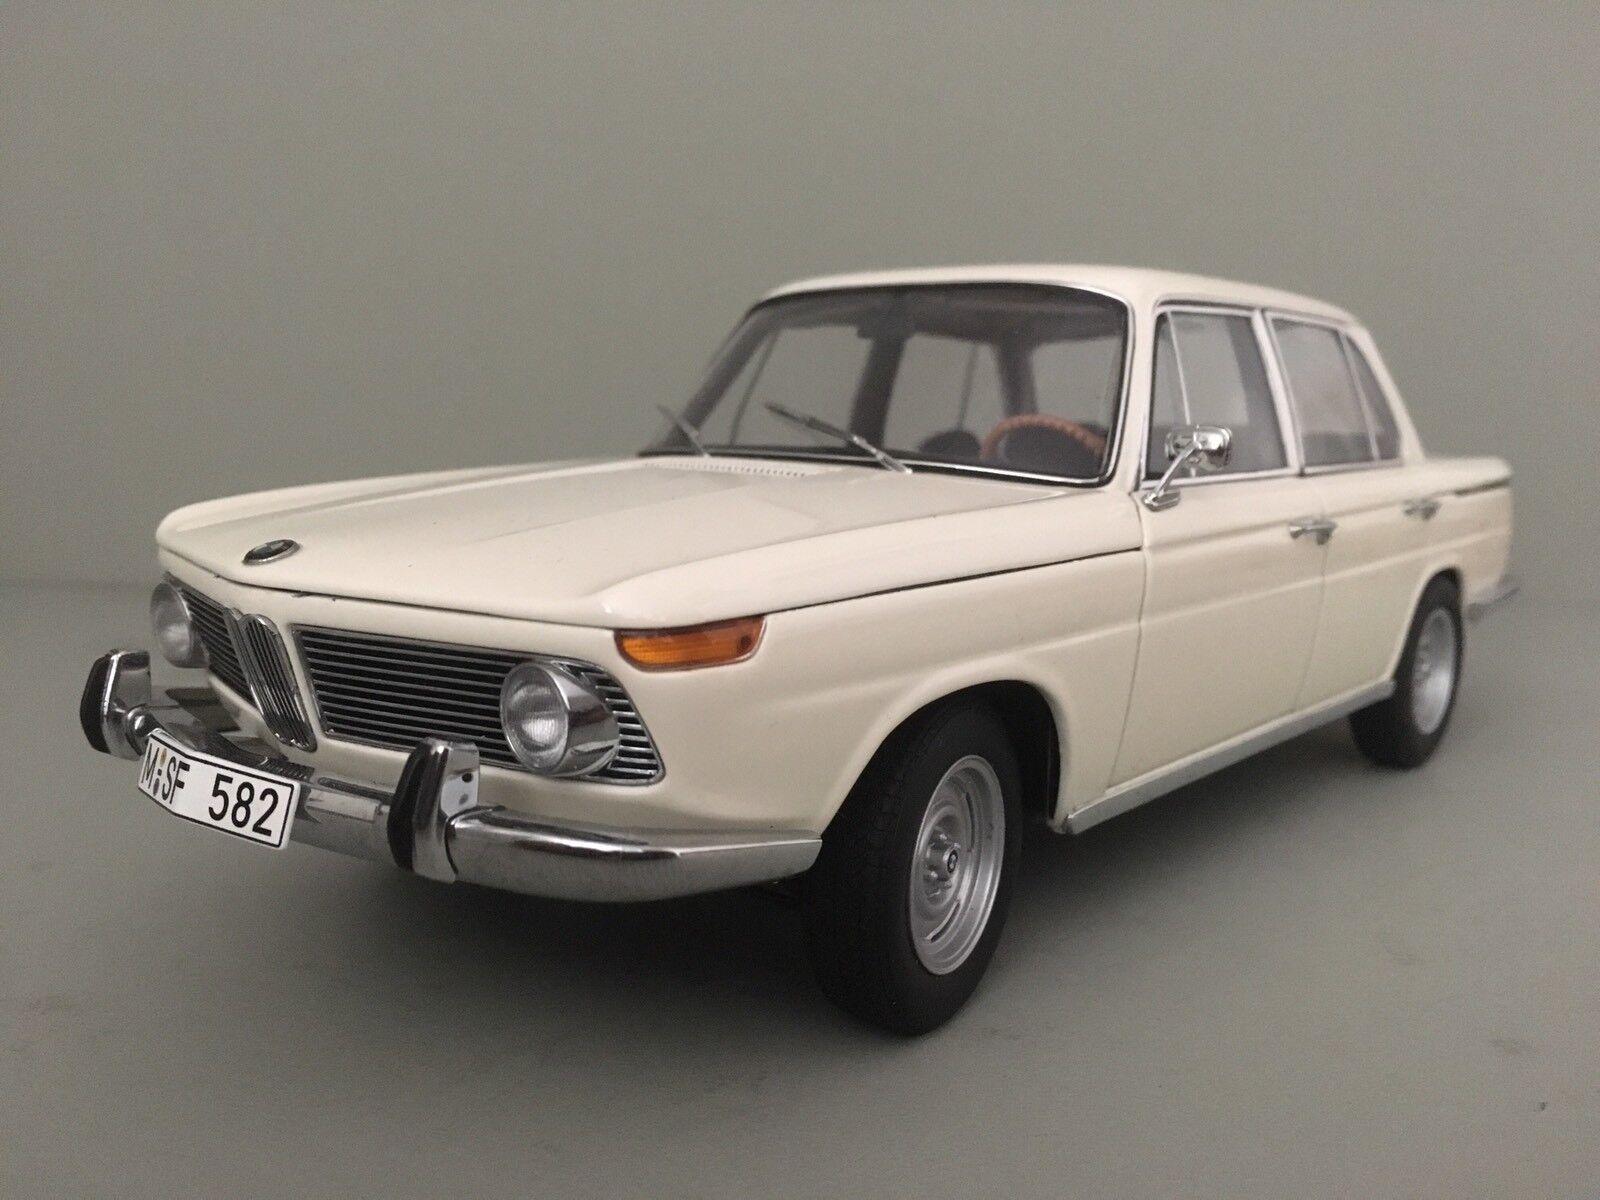 BMW NUOVA CLASSE 1800. 1962 - 1977. AUTO ART 1 18